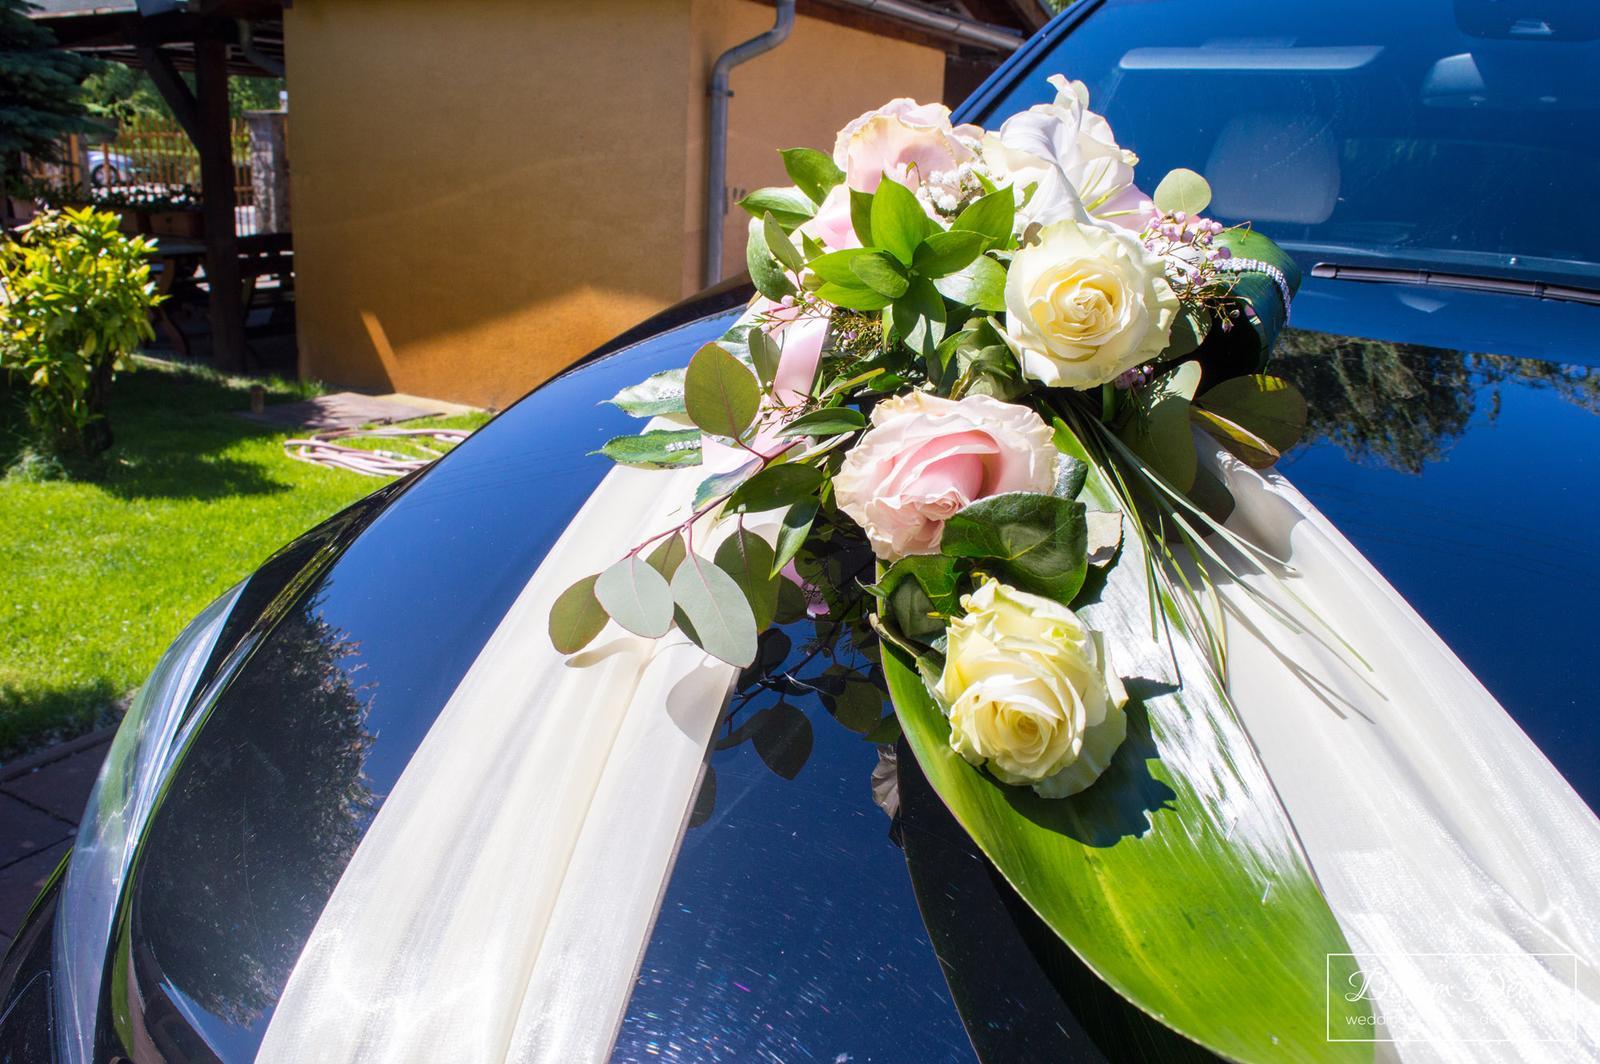 Svadobná výzdoba Reštaurácia Ister, Jelka - Výzdoba svadobného auta - Dream Decor